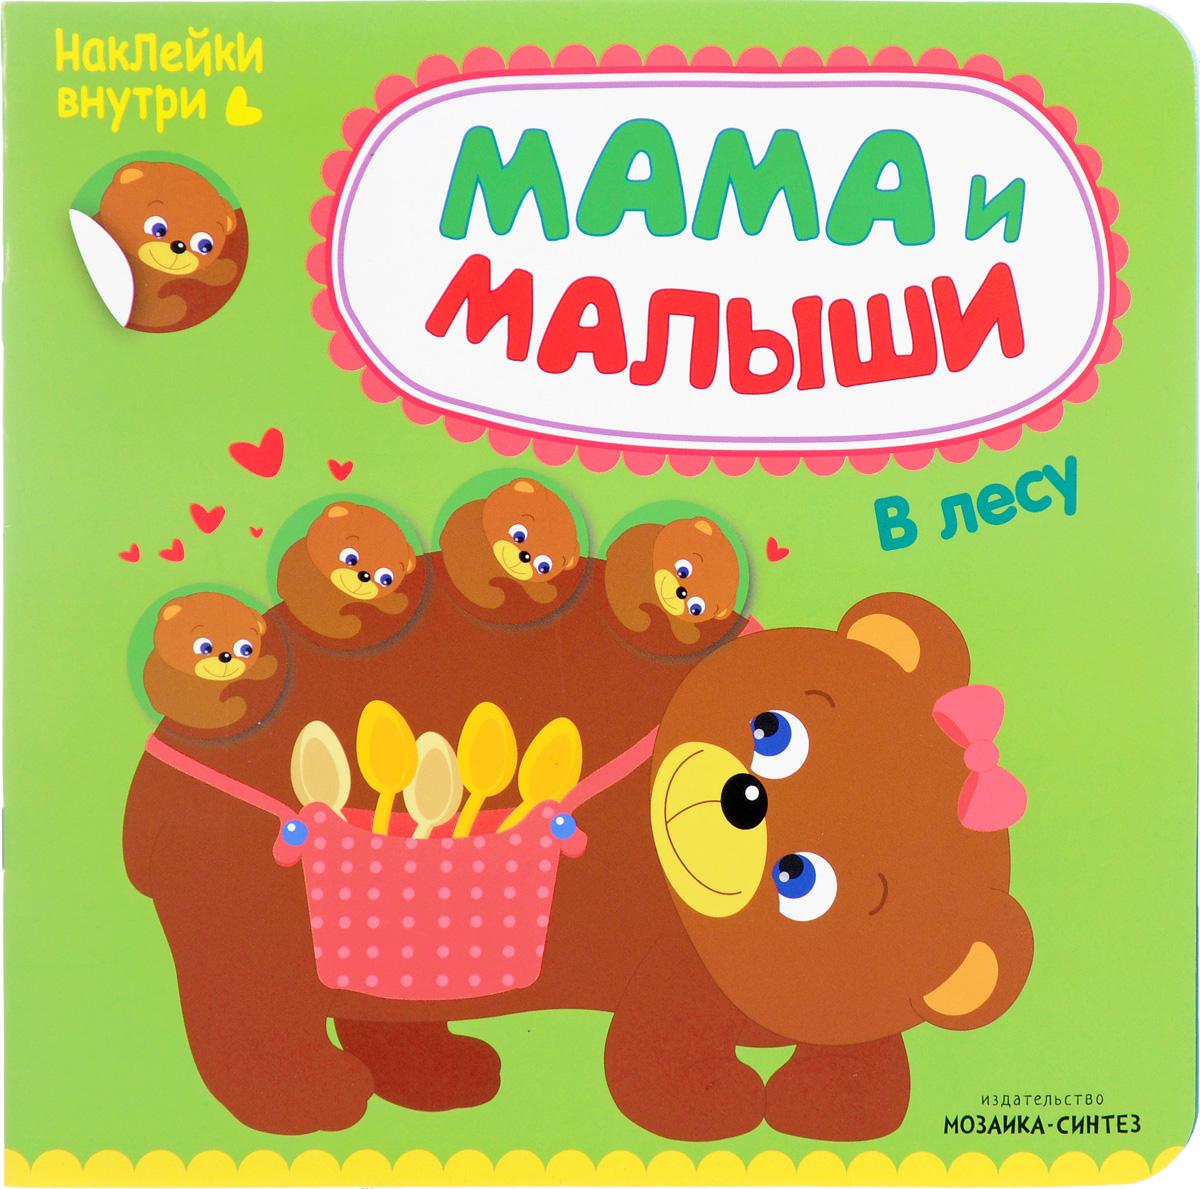 Мария Романова Мама и малыши. В лесу (+ наклейки) мария романова мама и малыши в деревне наклейки